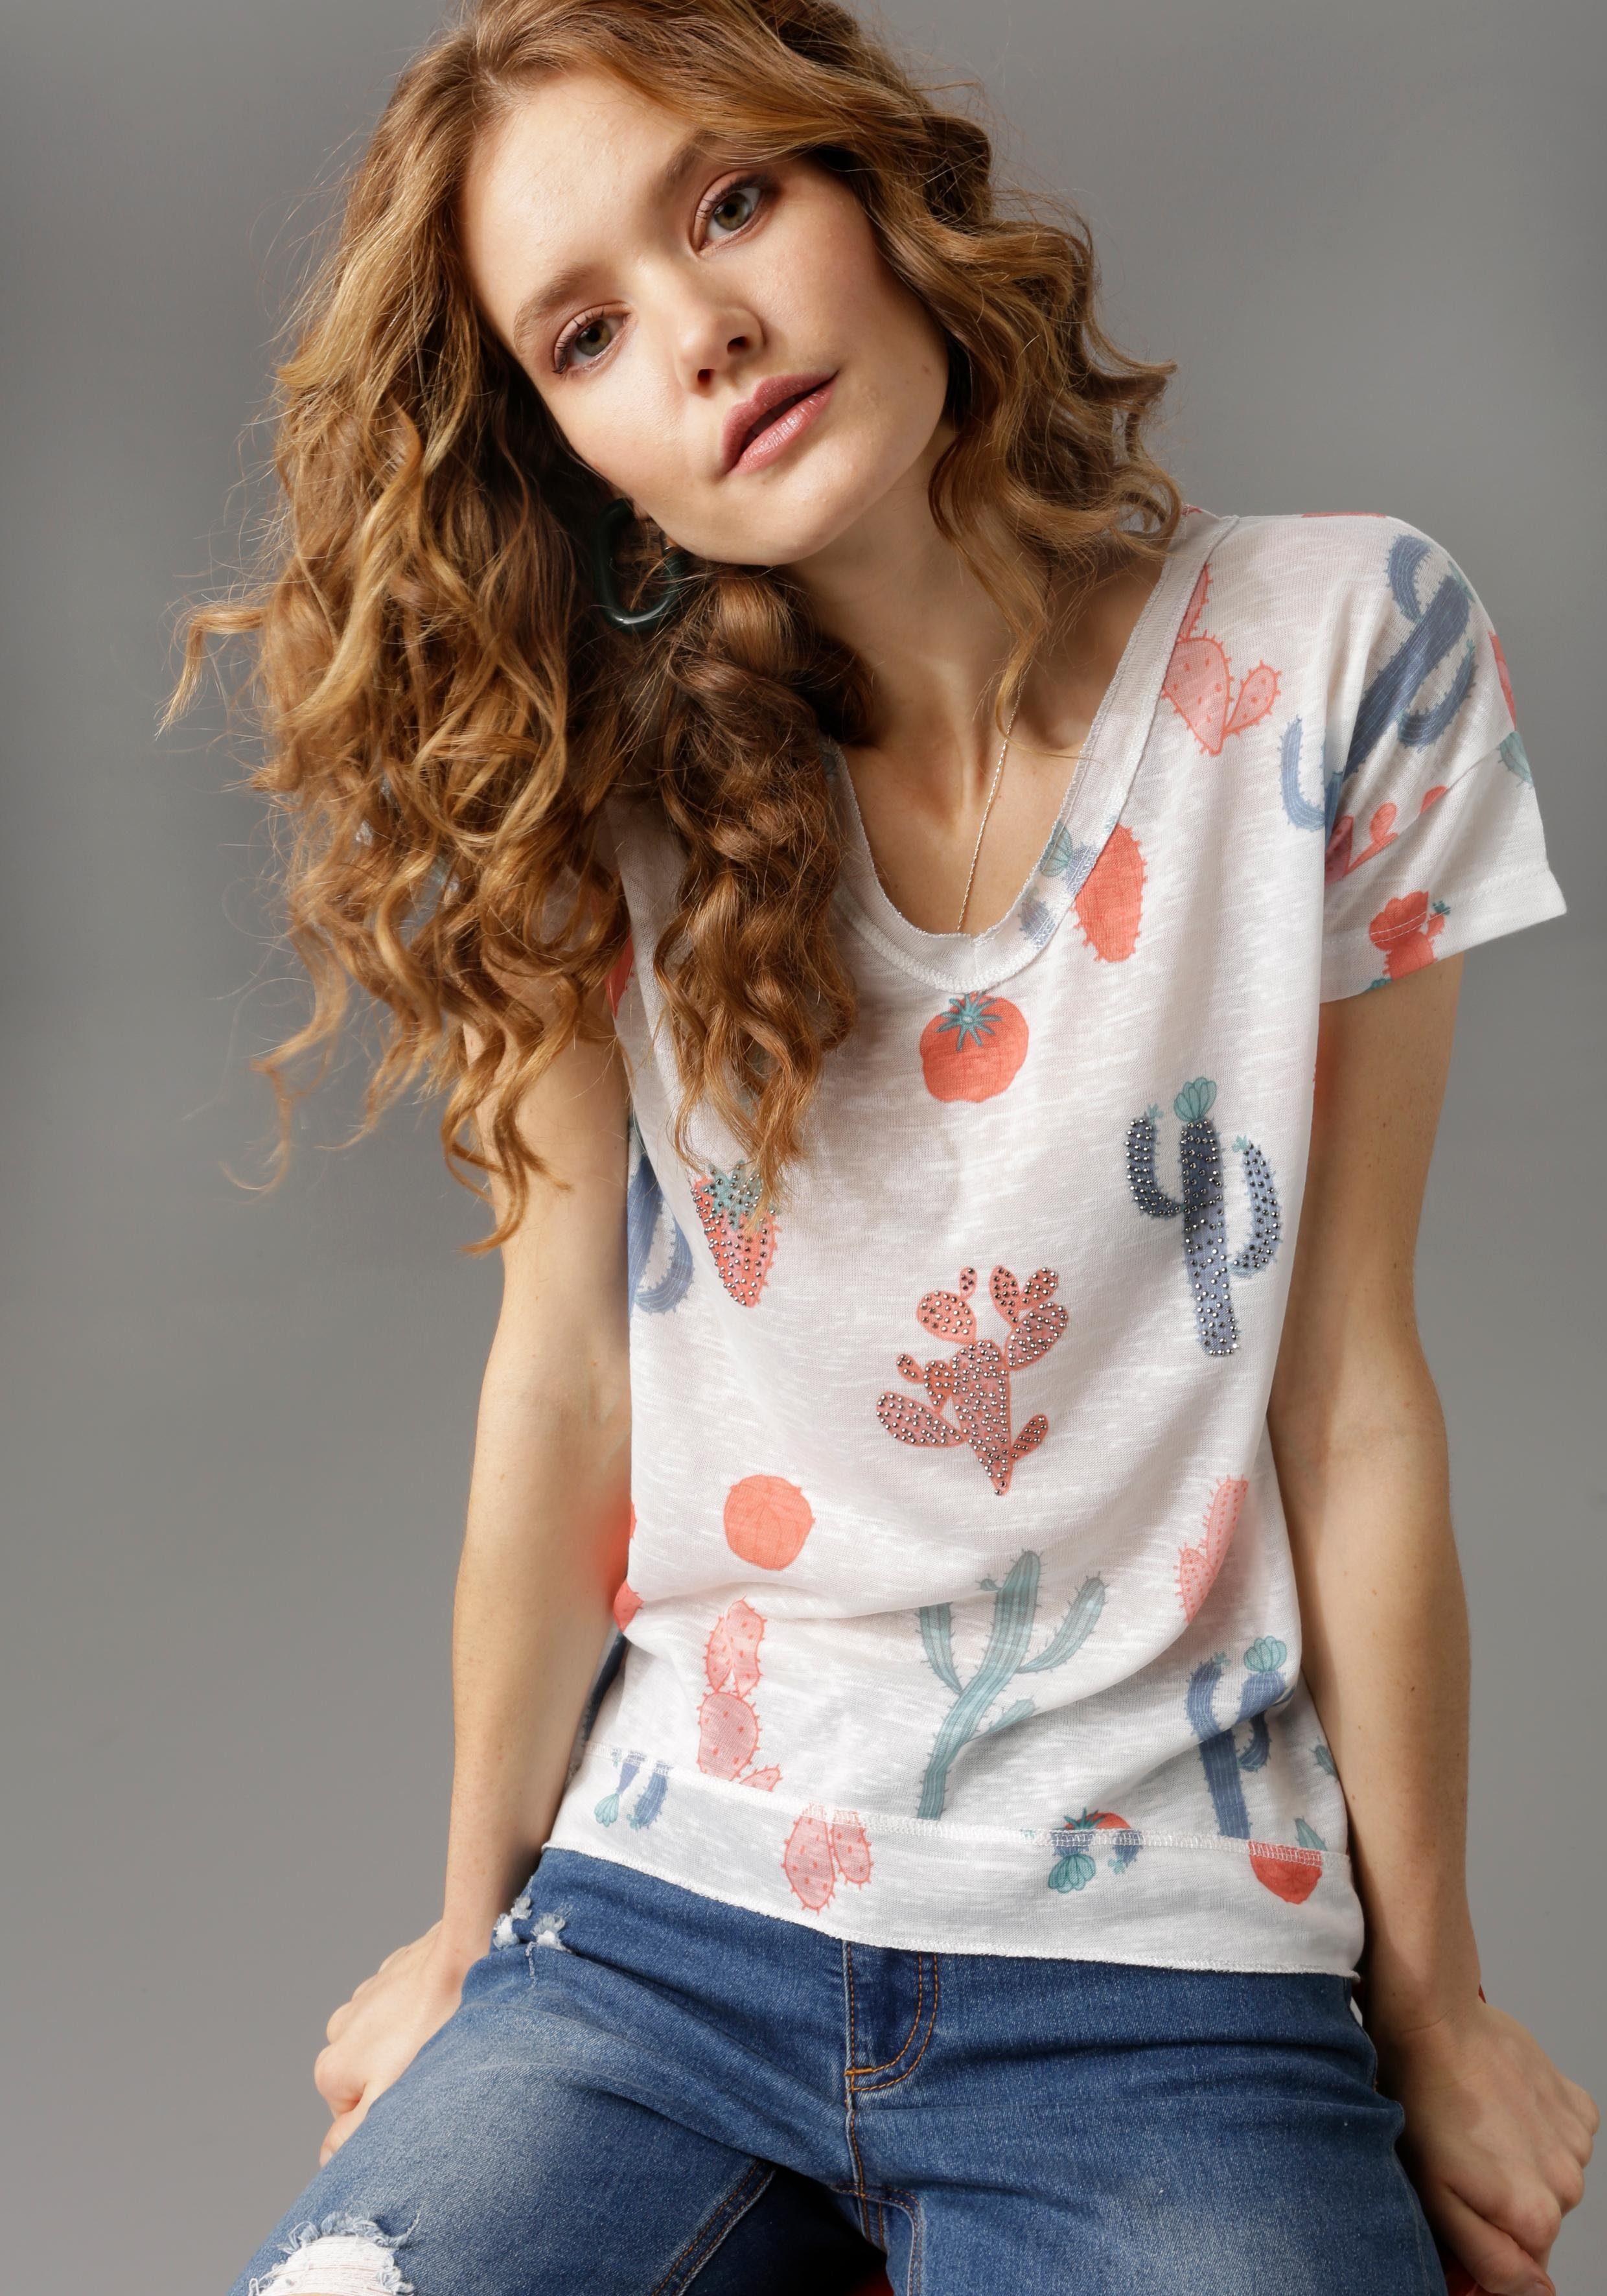 Damen Aniston CASUAL T-Shirt mit Kakteen und Glitzersteinchen – NEUE KOLLEKTION  | 08680851147189